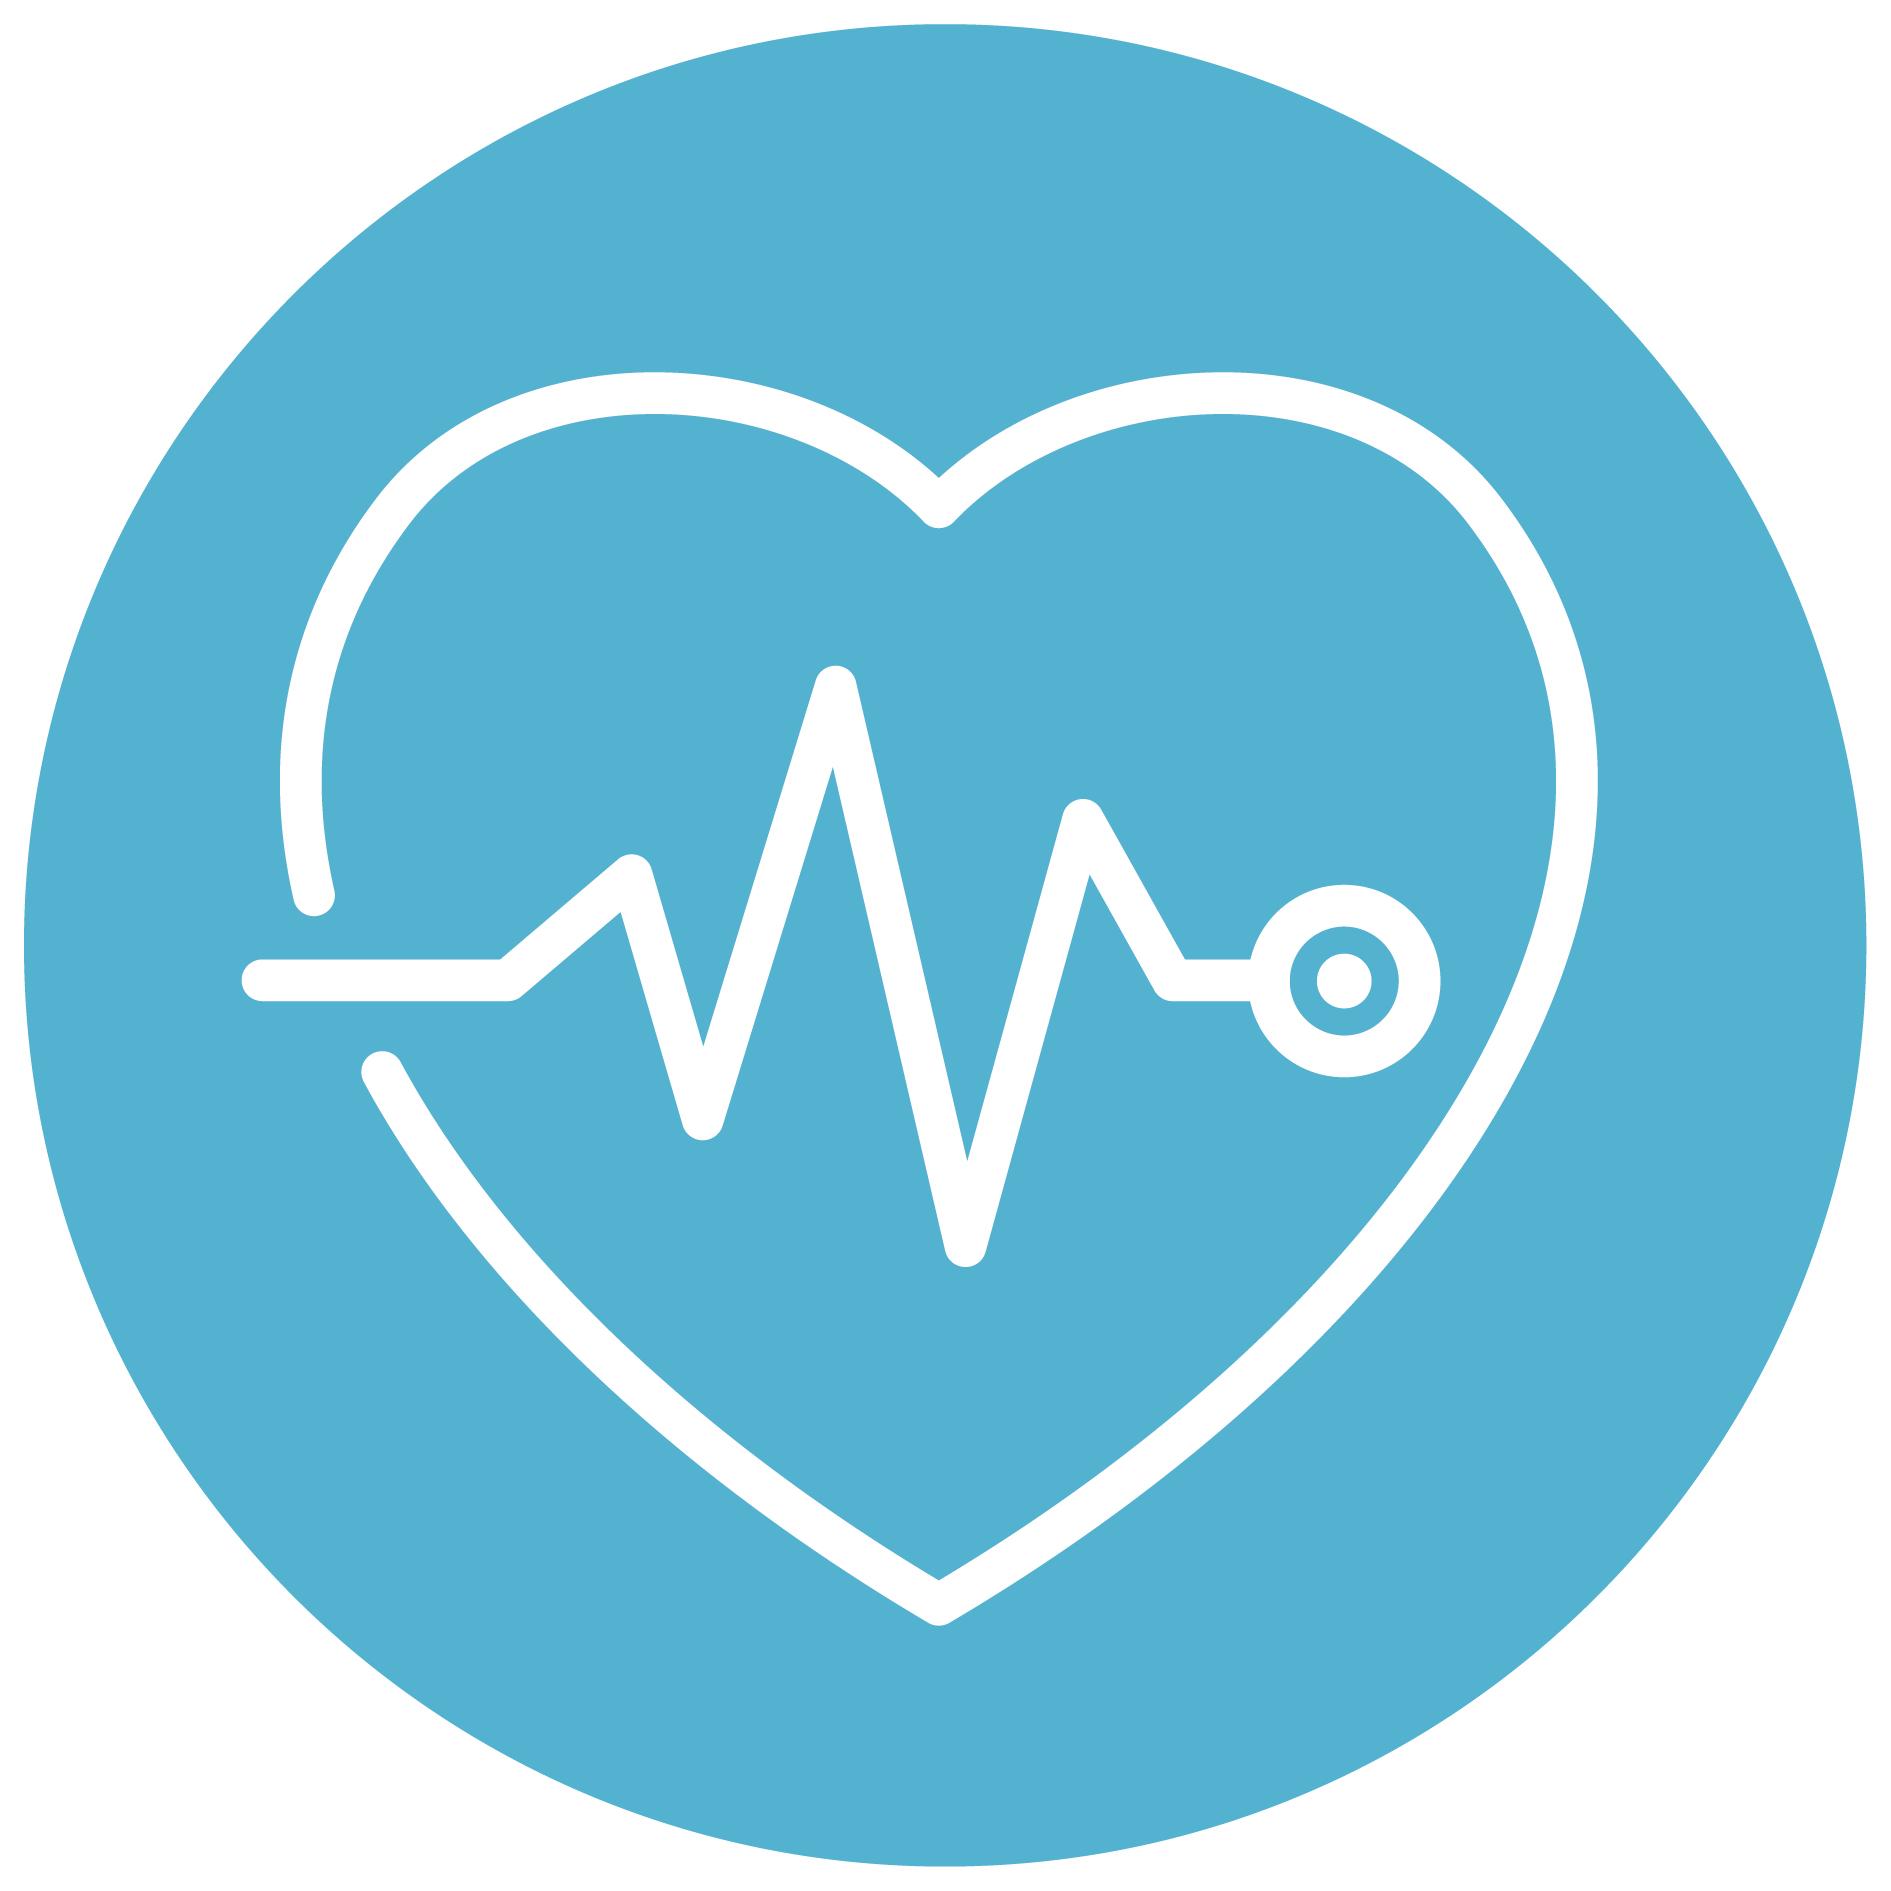 Cardiology EHR